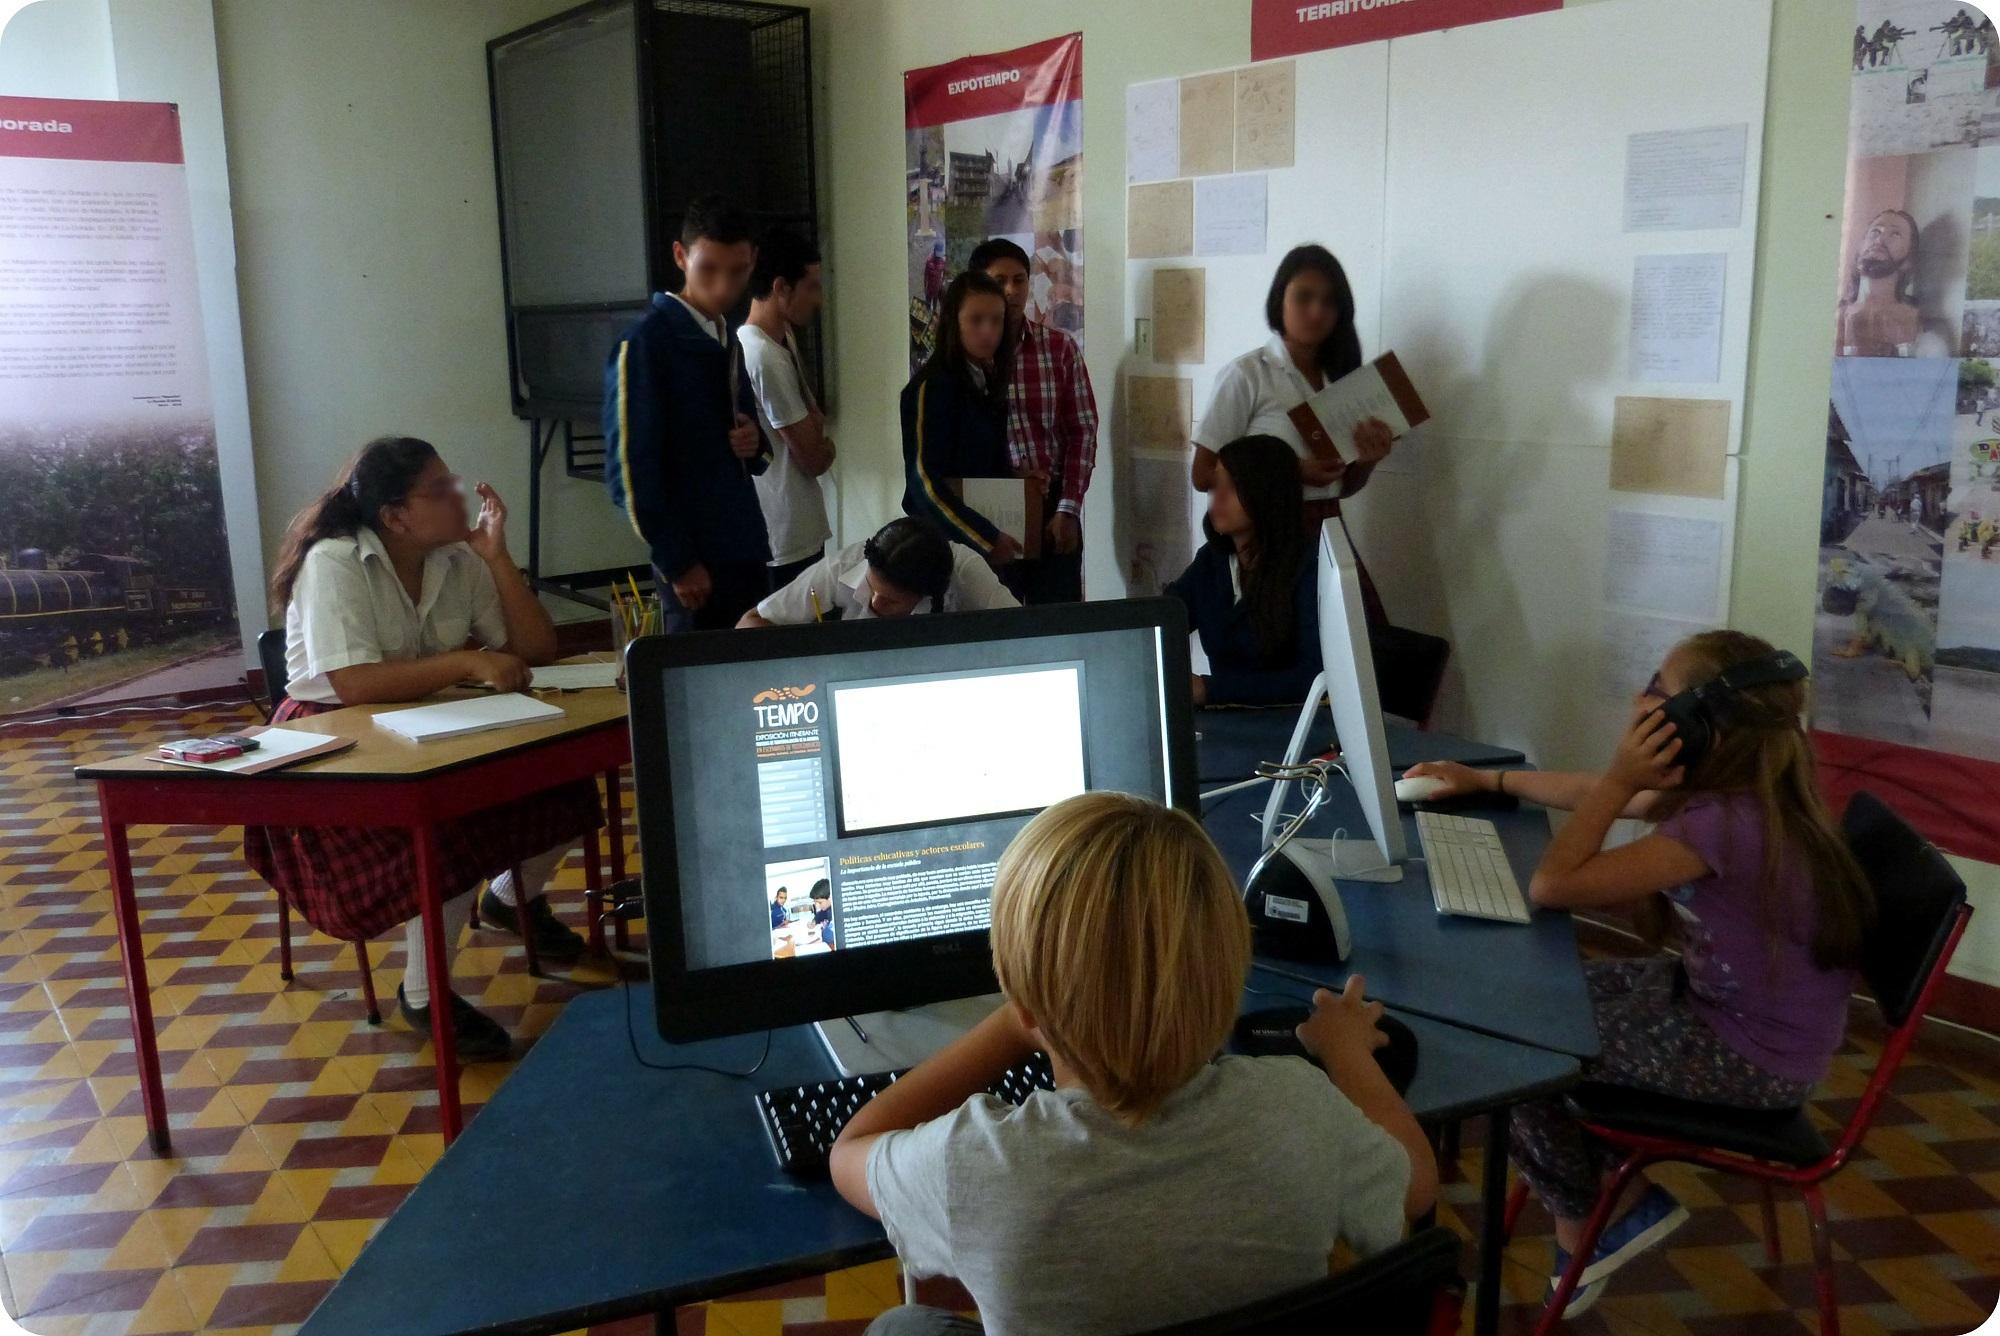 Espace libre avec des ordinateurs et un endroit pour dessiner à l'expo Tempo à Aguadas